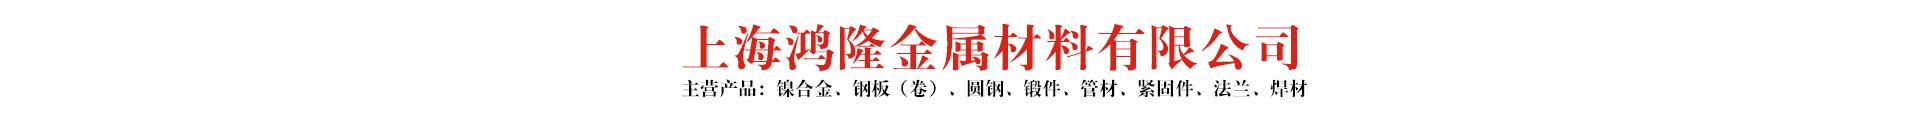 上海鸿隆金属材料有限公司